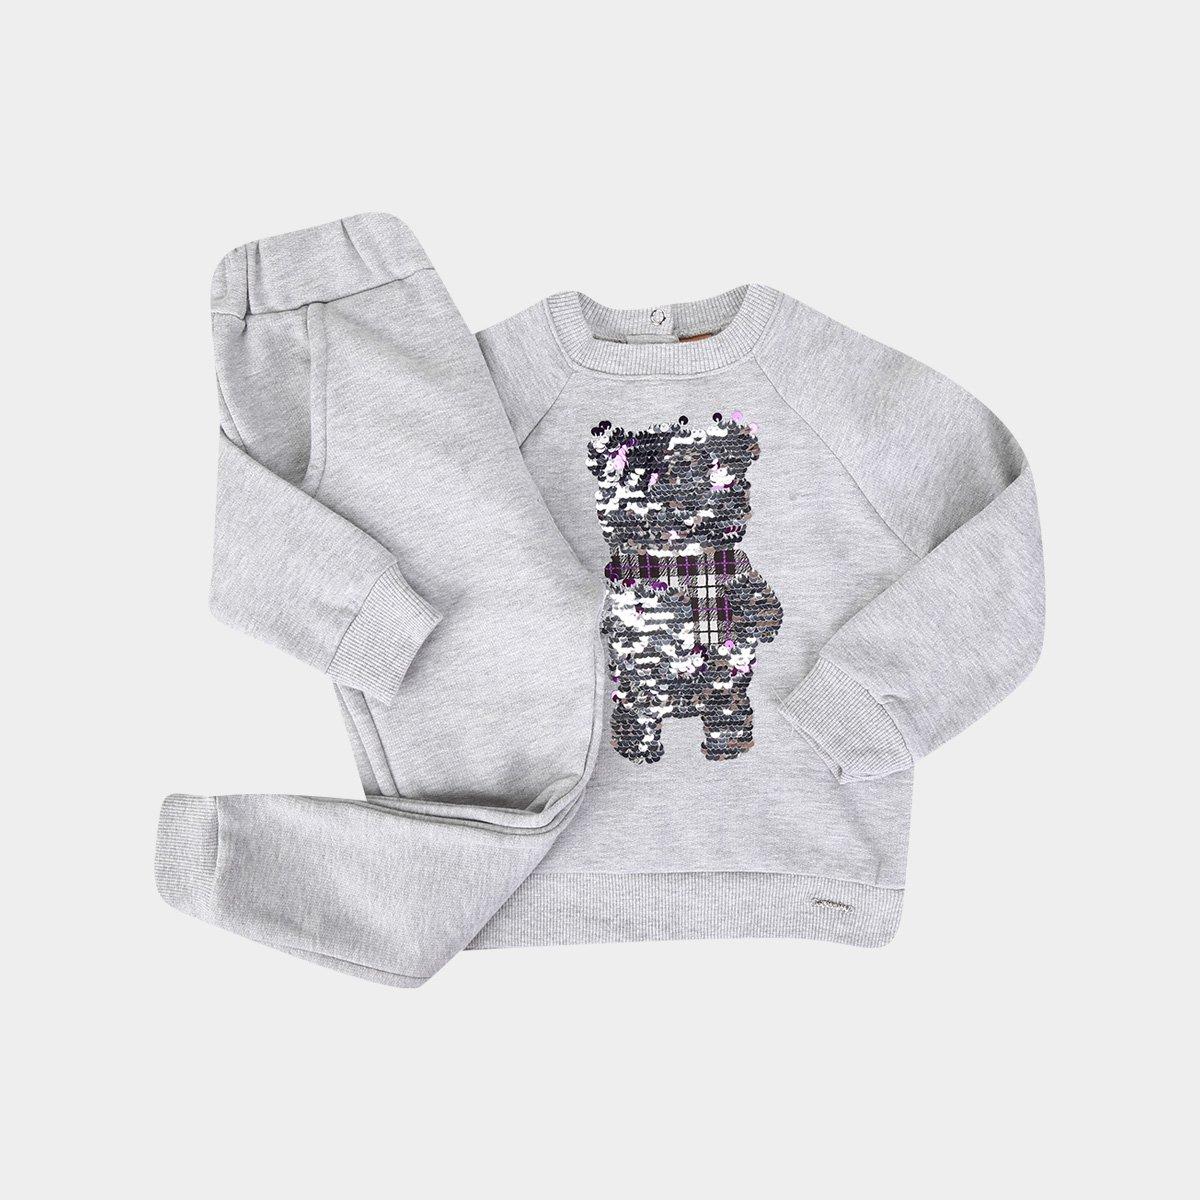 Conjunto Infantil Up Baby Moletom Paetê Reversível Blusa + Calça